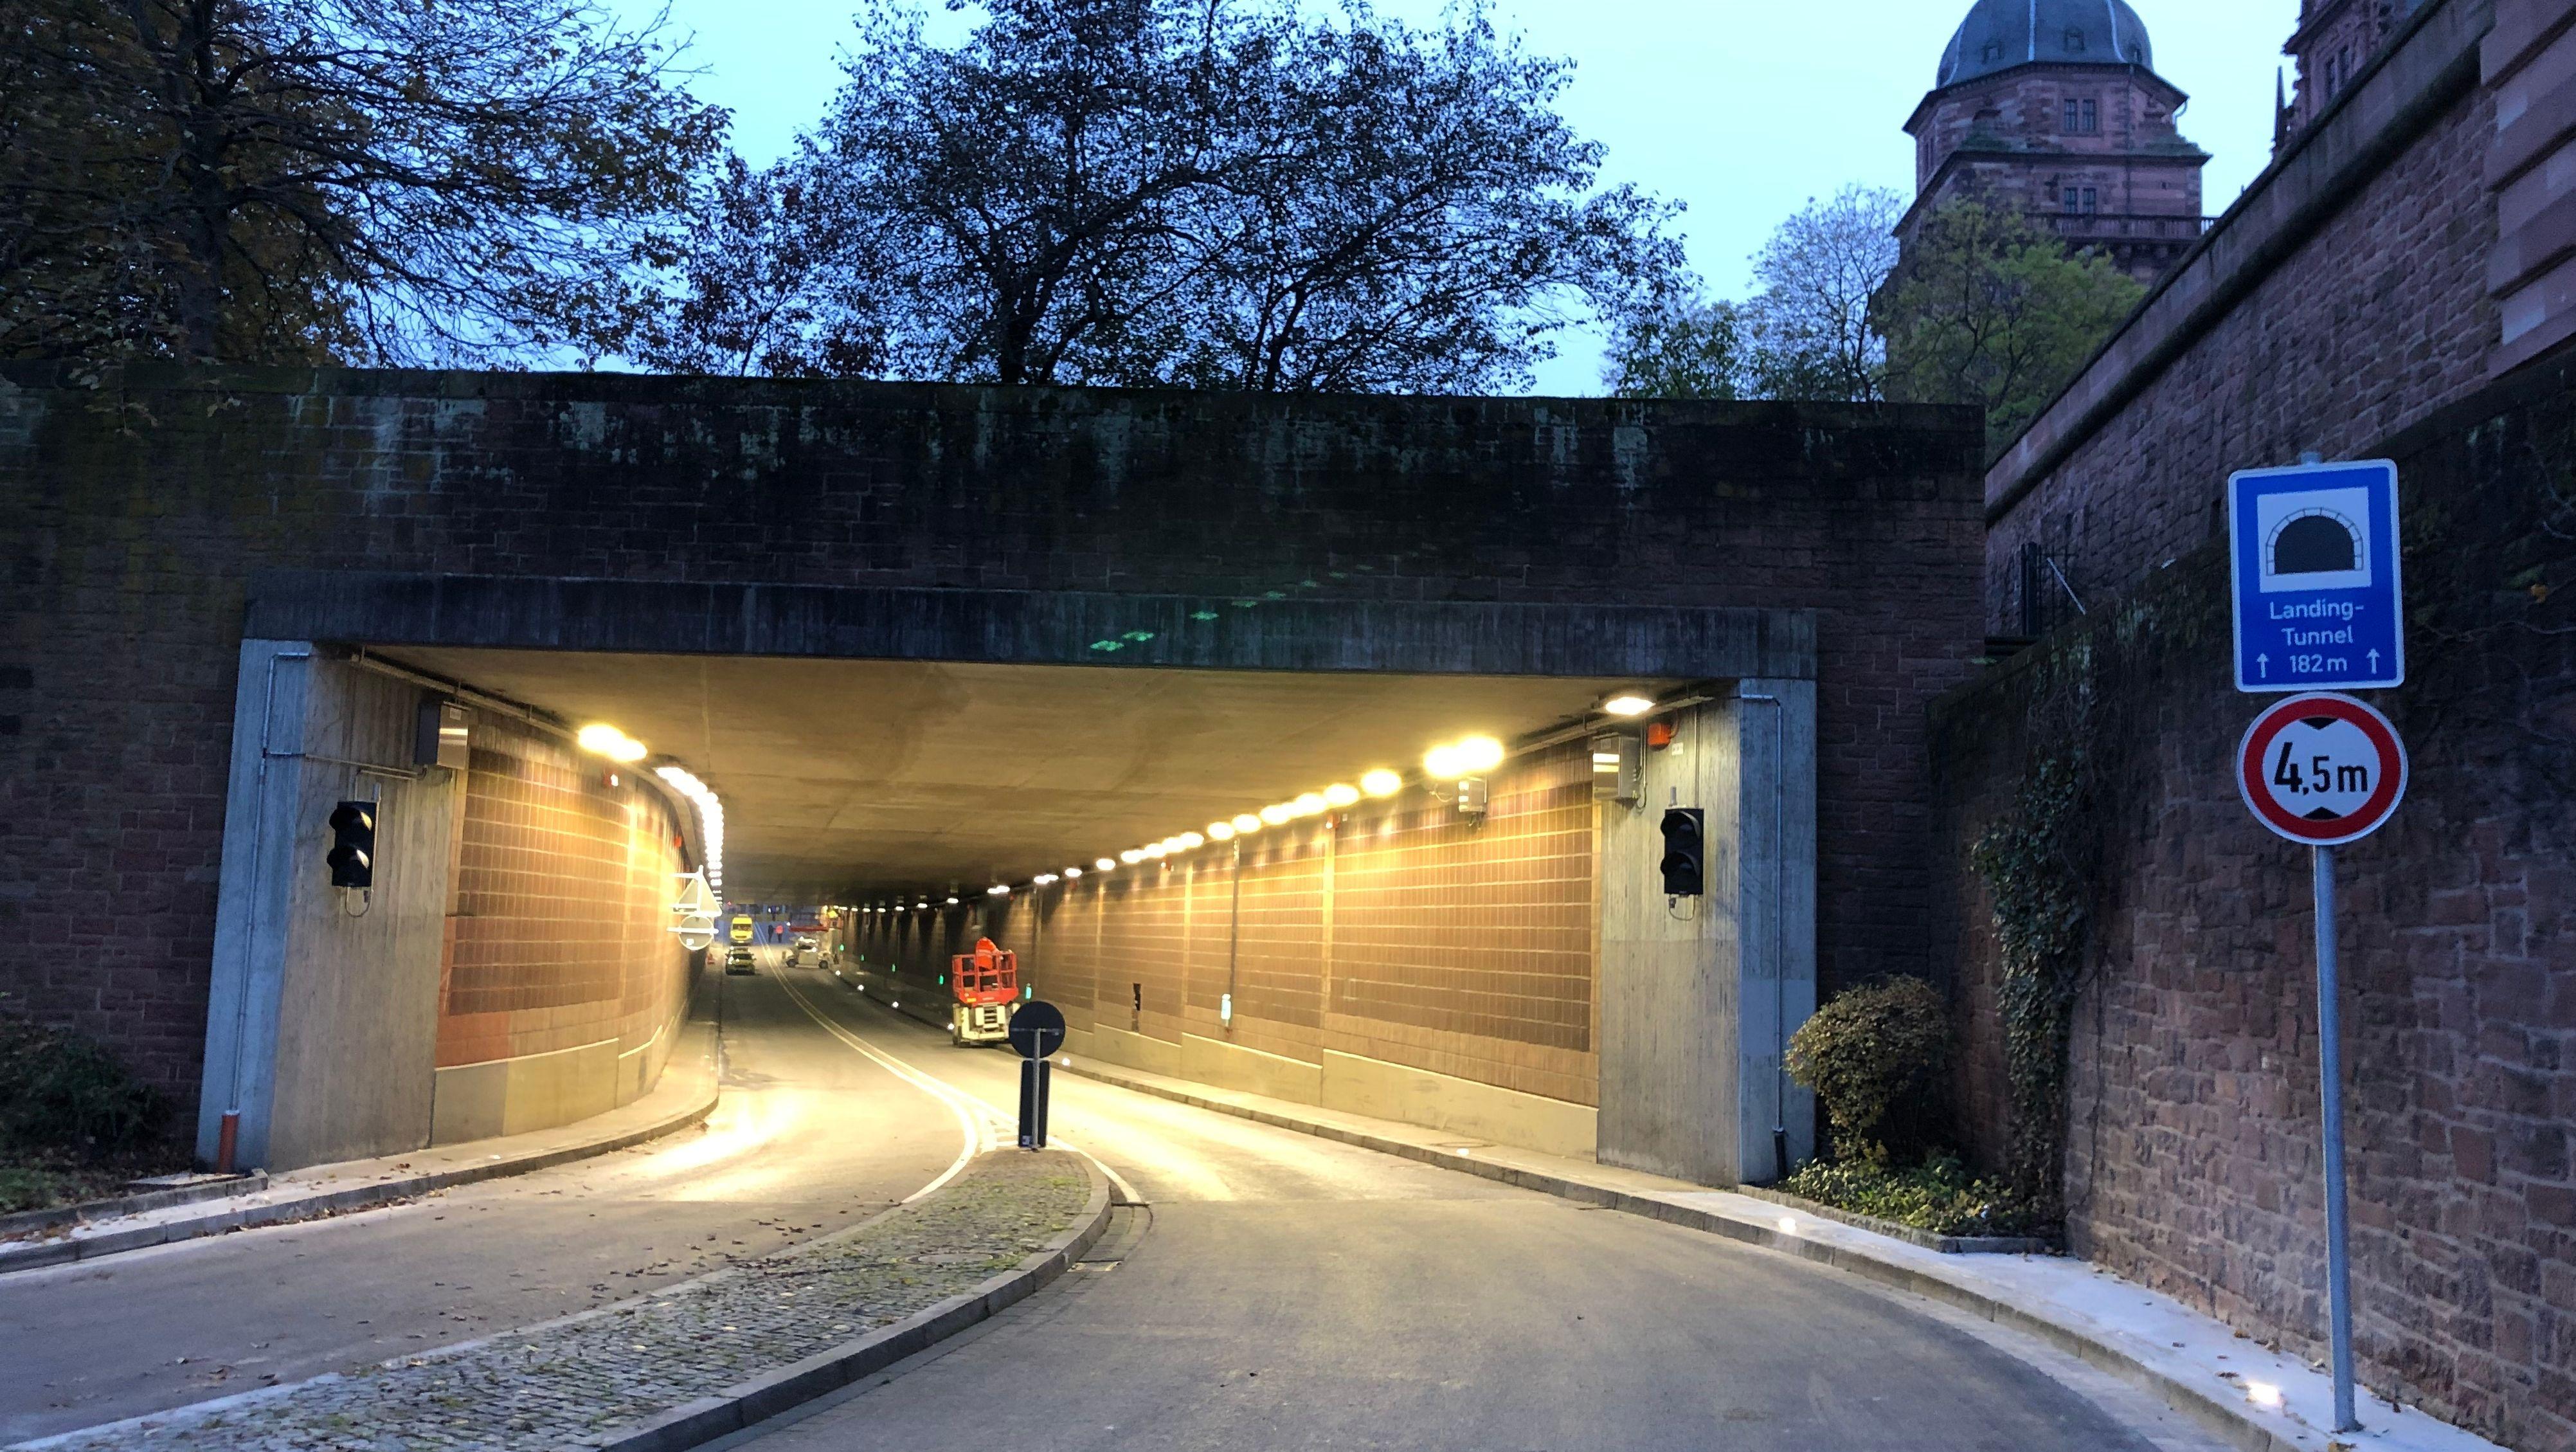 Der Landingtunnel in Aschaffenburg